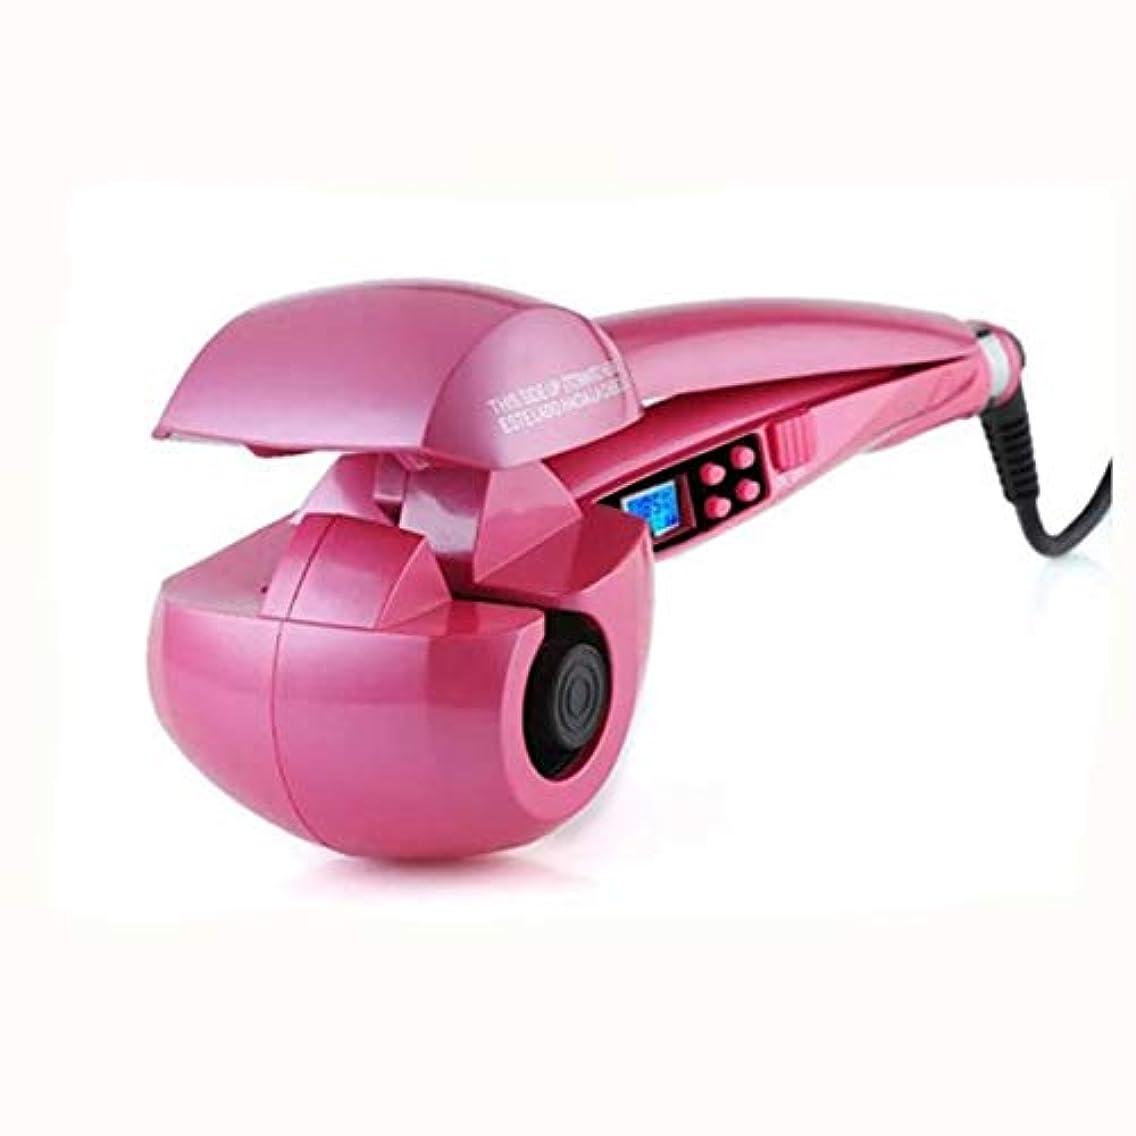 粗い引用ペネロペLcd自動カーリングアイロン温度制御トルマリンセラミック360度自動カーリングシリンダーすべての髪のタイプに適した,ピンク